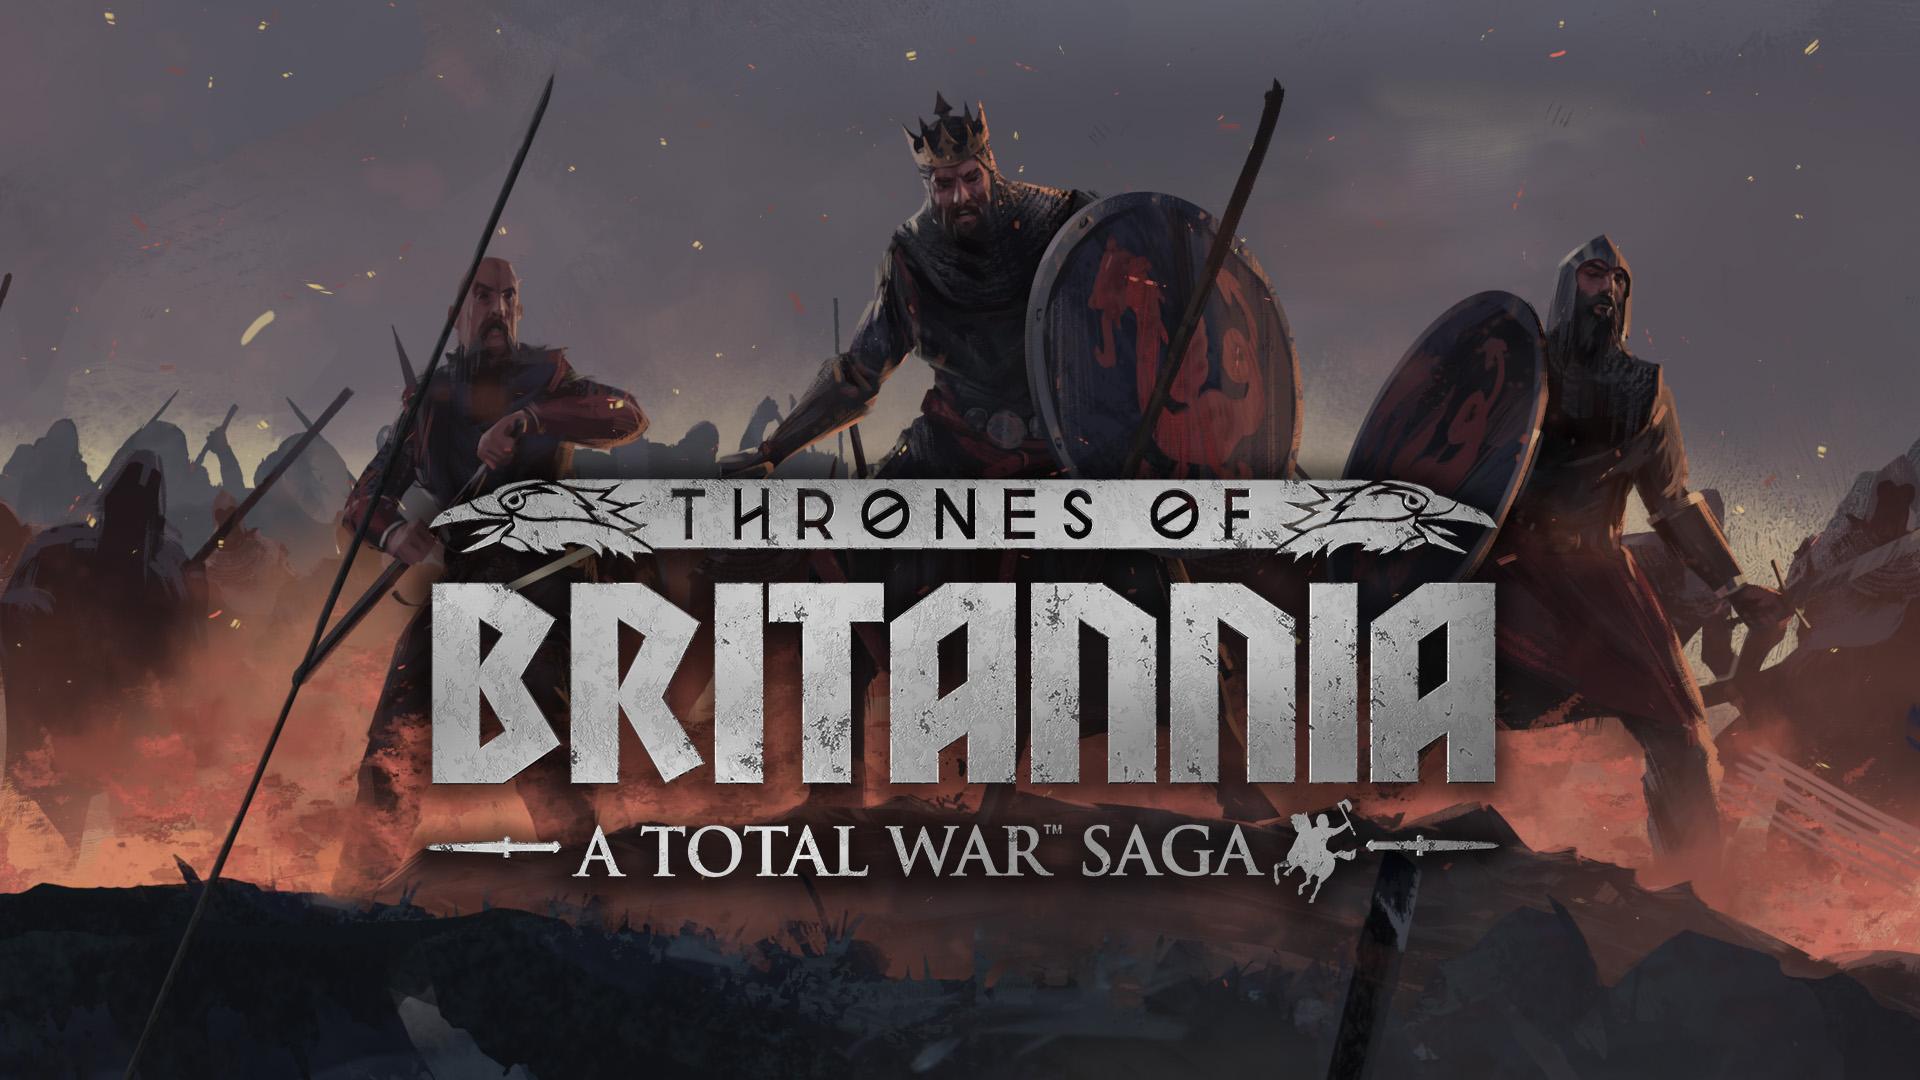 A Total War Saga Thrones of Britannia